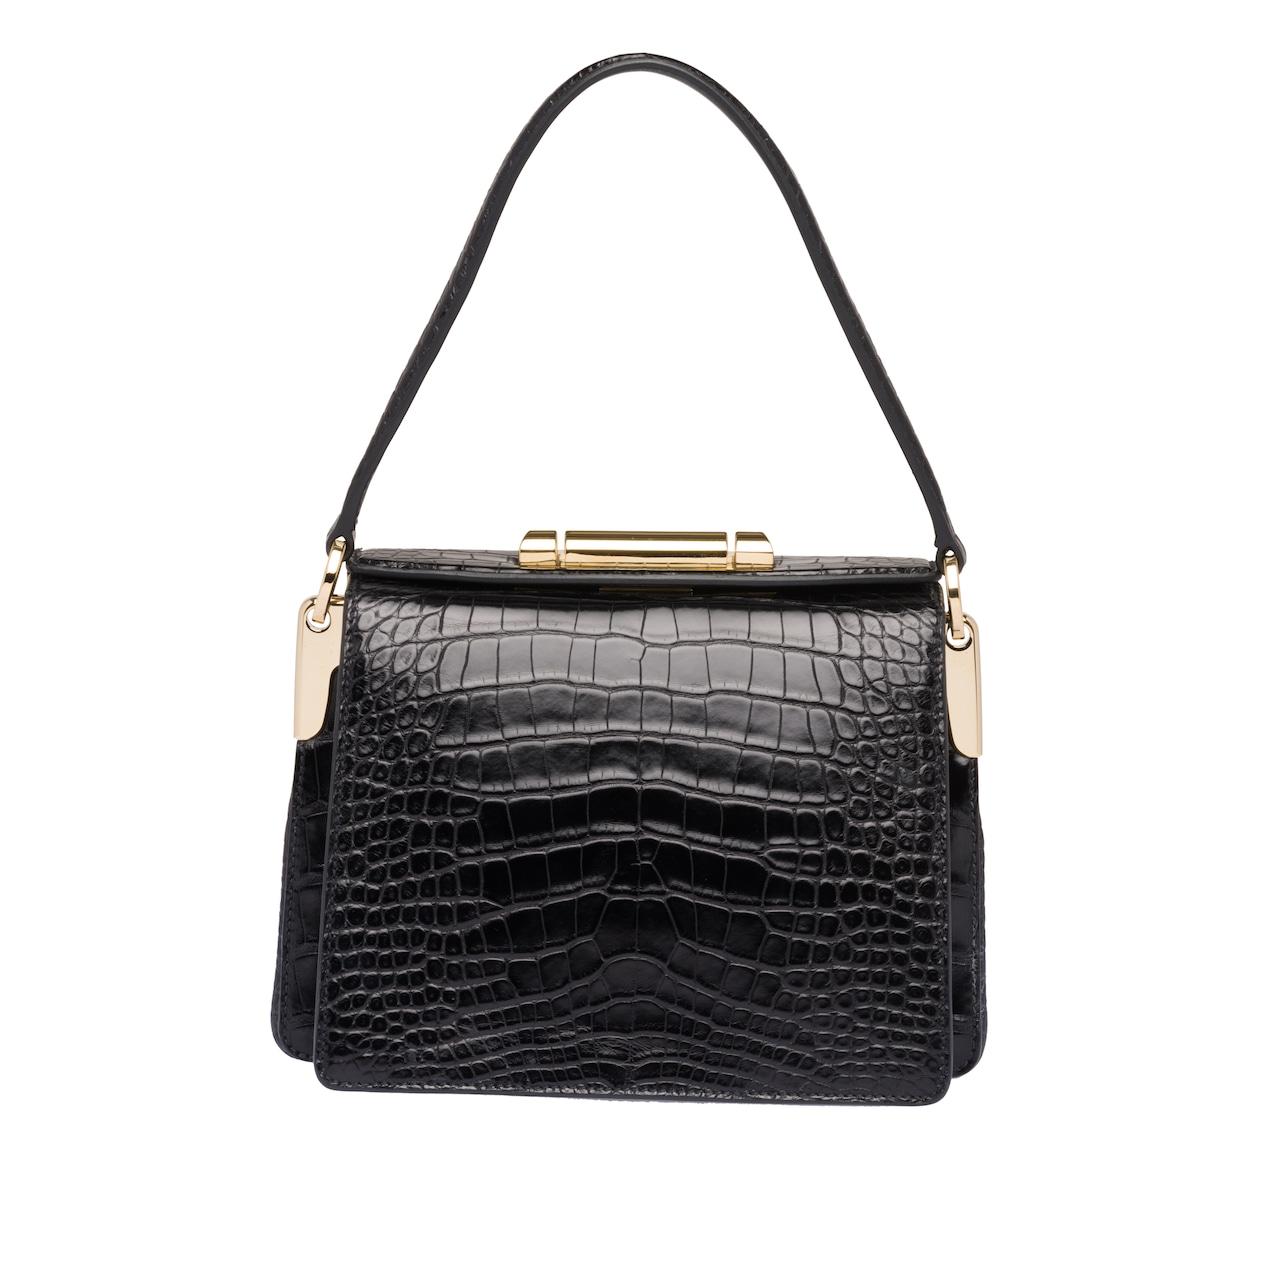 Prada Sybille crocodile leather bag